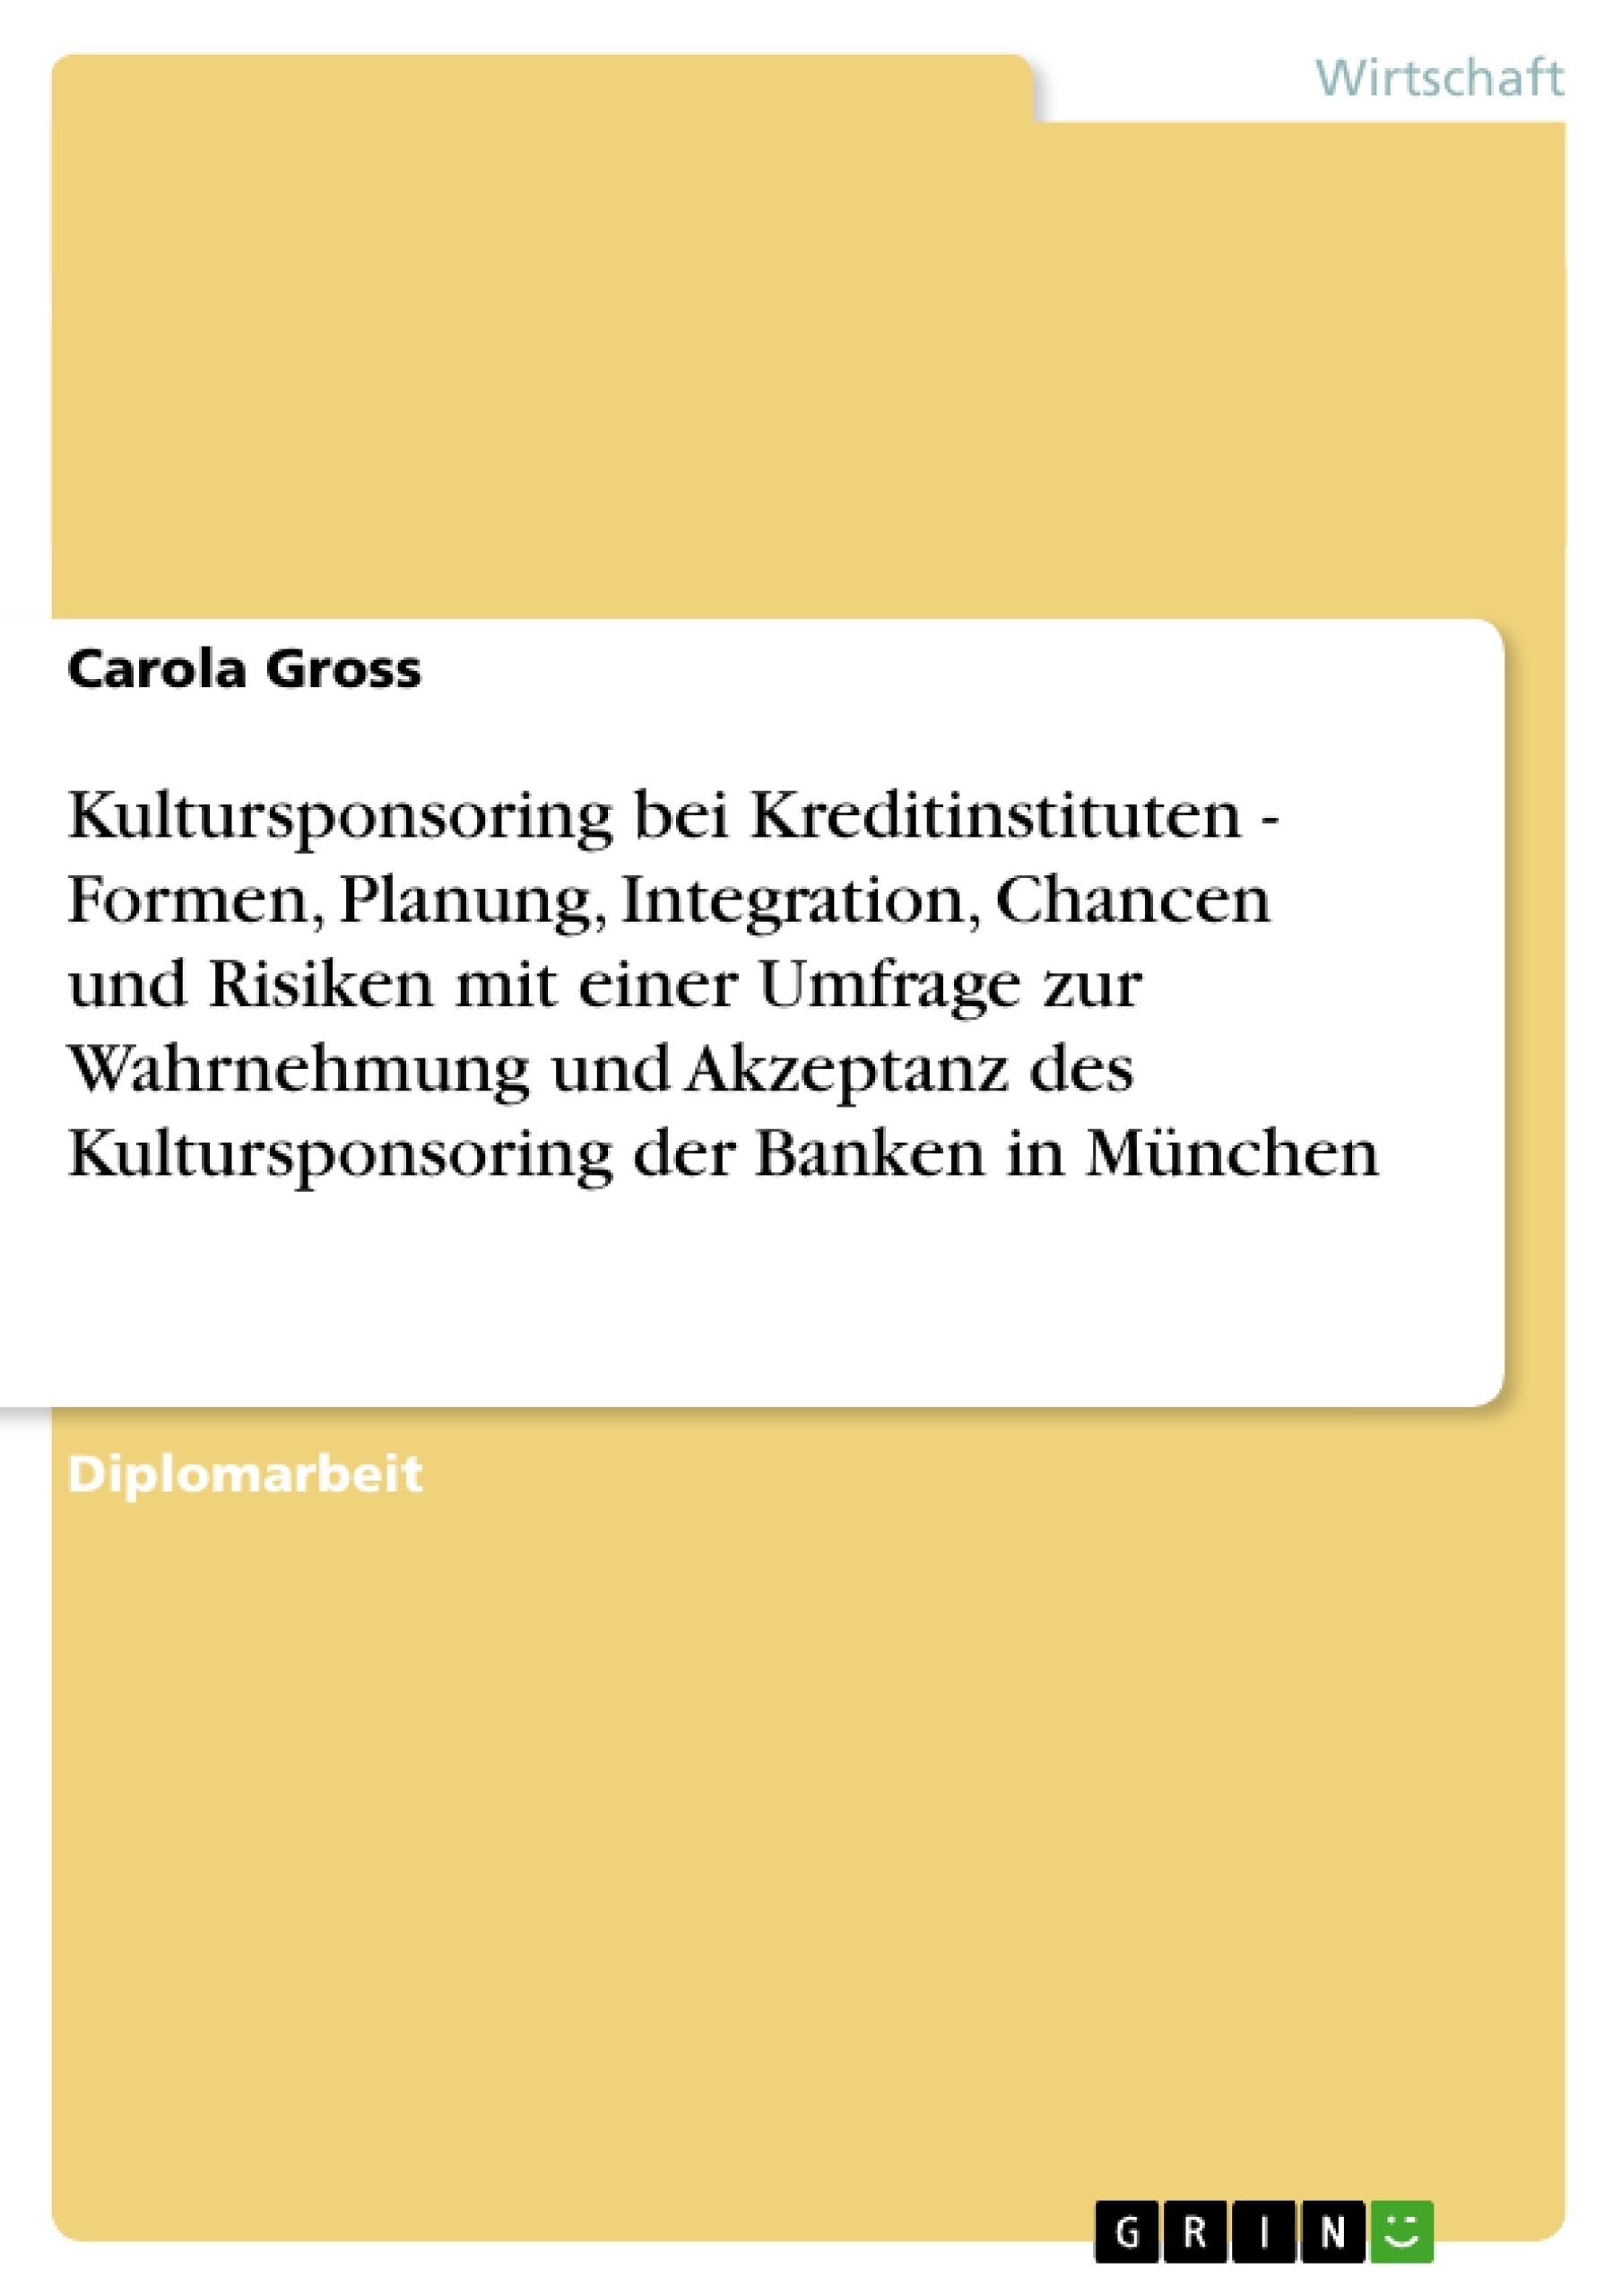 Titel: Kultursponsoring bei Kreditinstituten - Formen, Planung, Integration, Chancen und Risiken mit einer Umfrage zur Wahrnehmung und Akzeptanz des Kultursponsoring der Banken in München